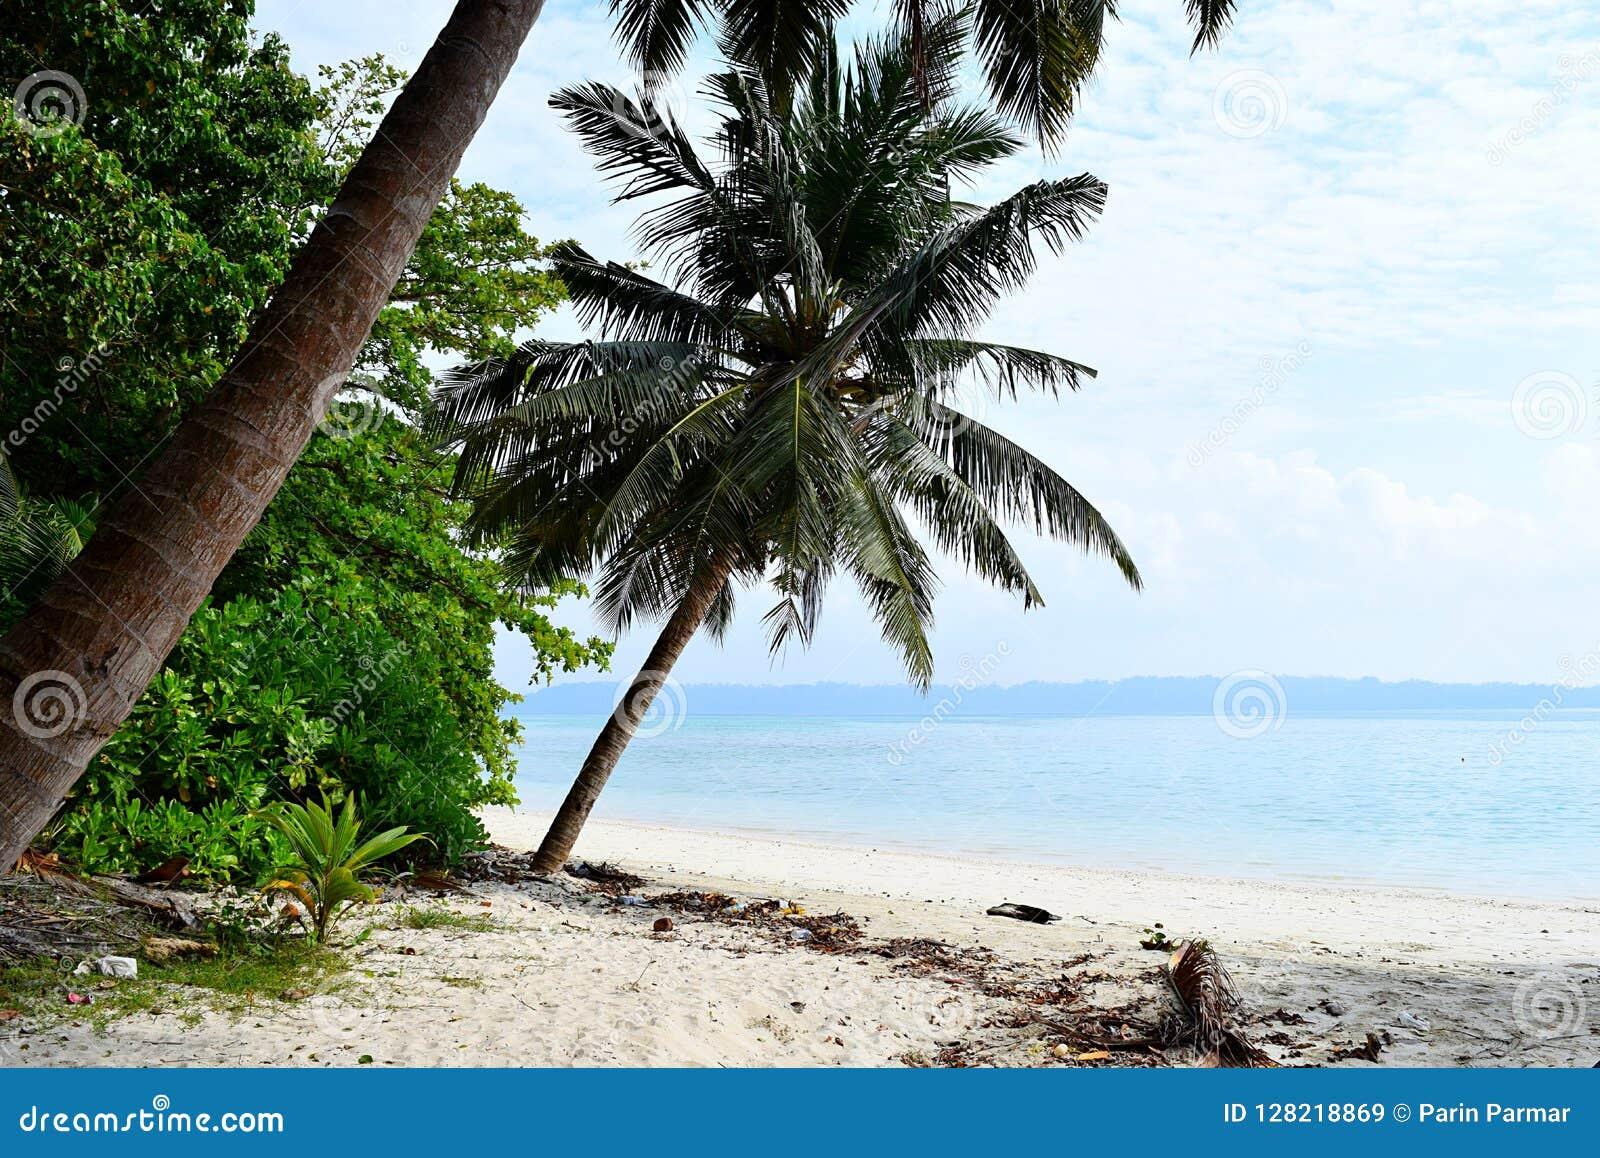 Wit Sandy Beach met Blauw Zeewater met Kokospalmen en Groen - Vijaynagar, Havelock, Andaman Nicobar, India